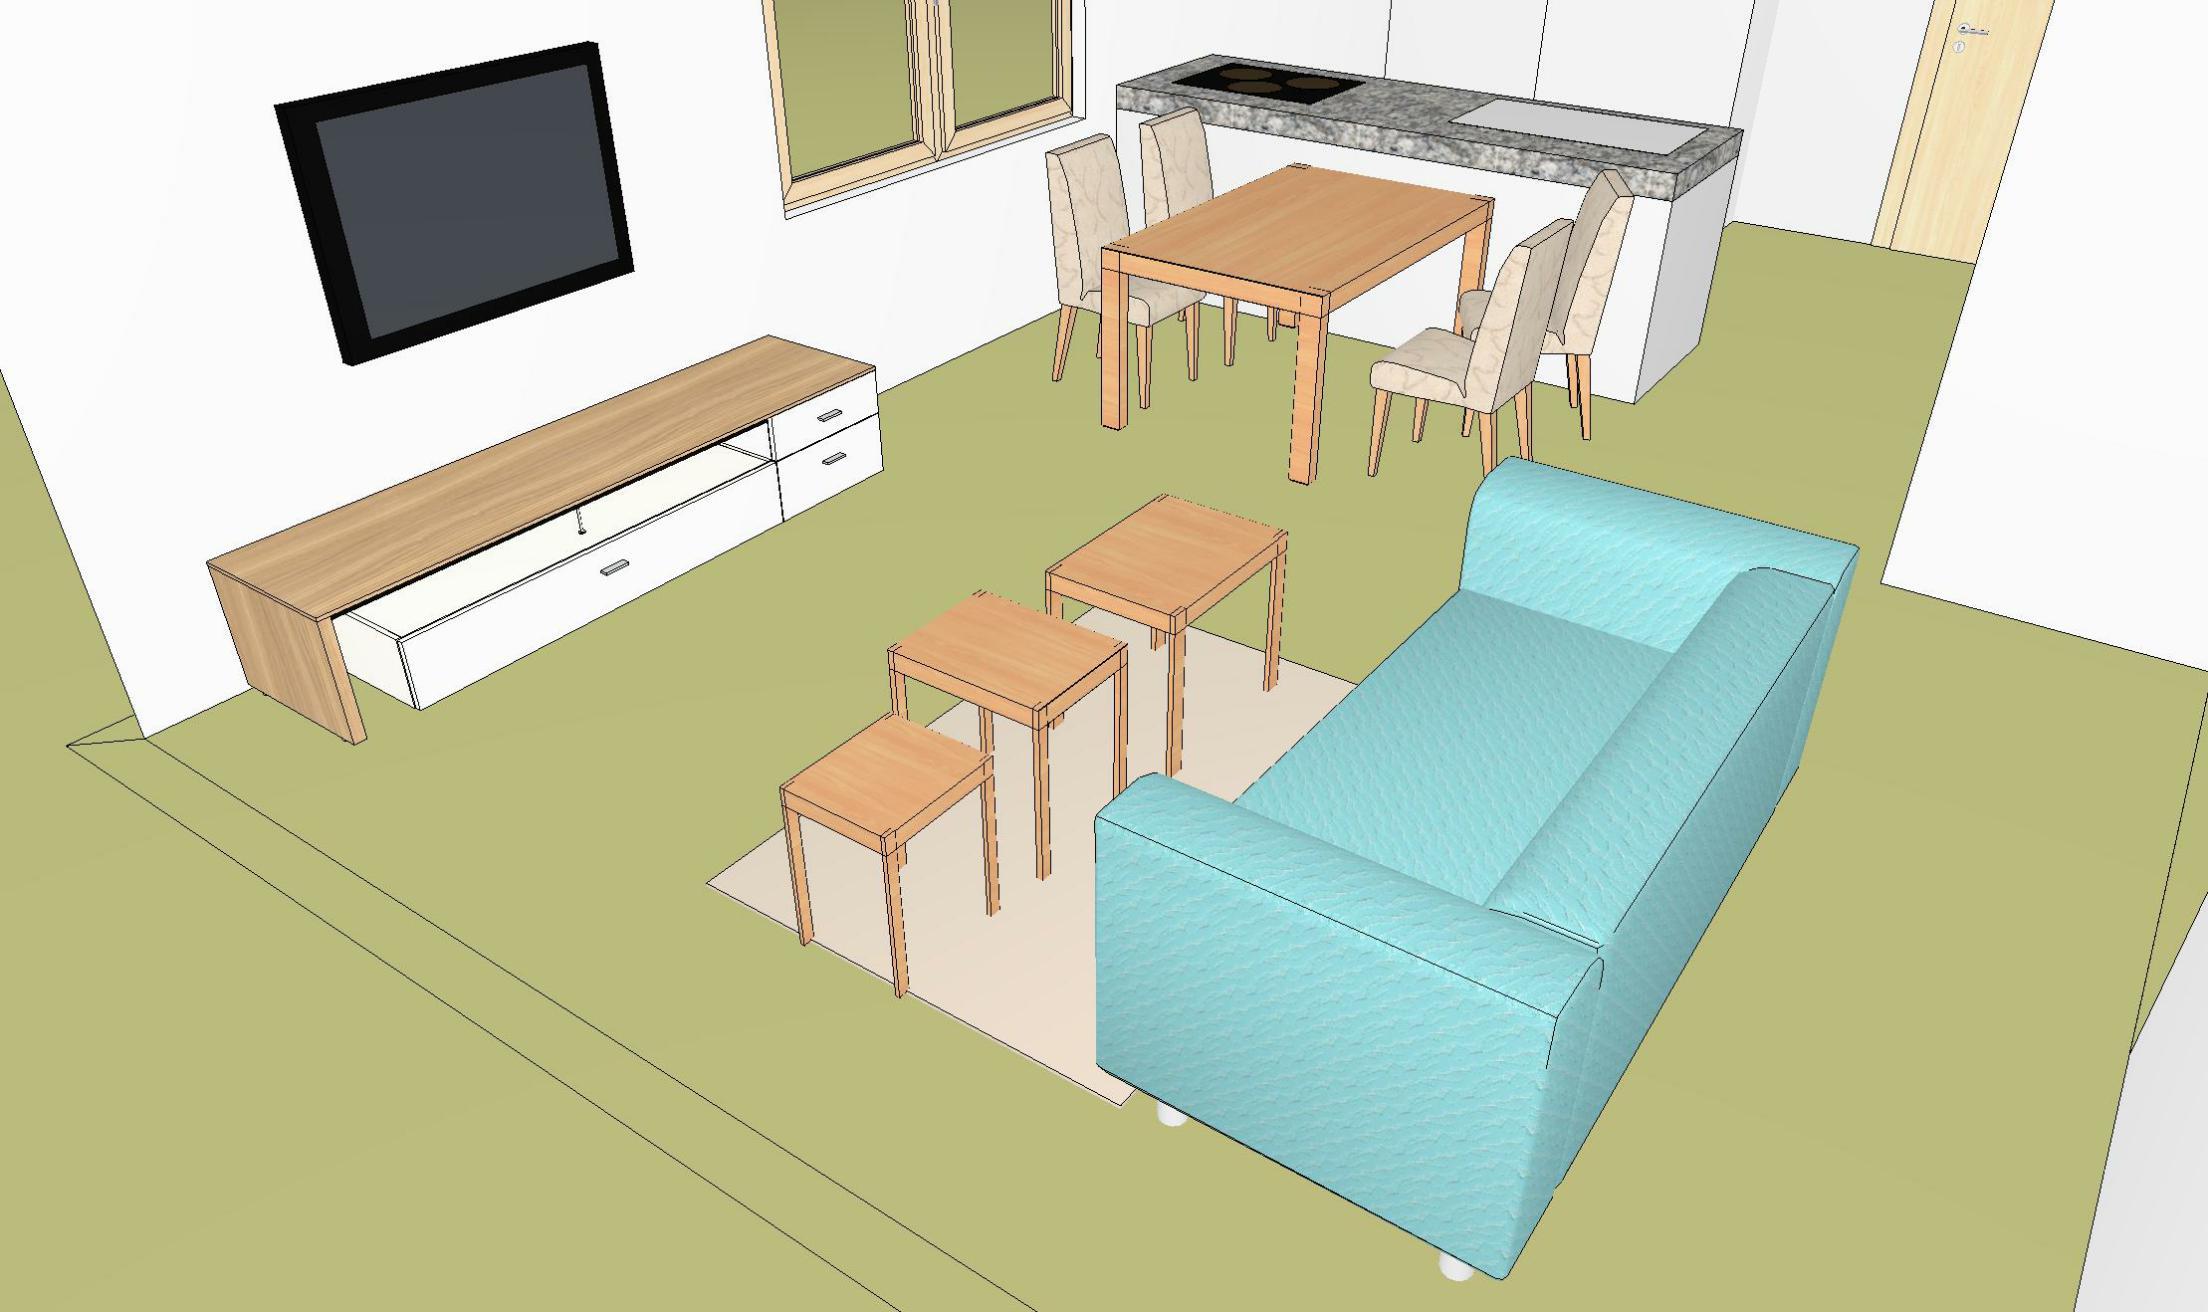 http://www.sora-design.com/images/bl-2378.jpeg